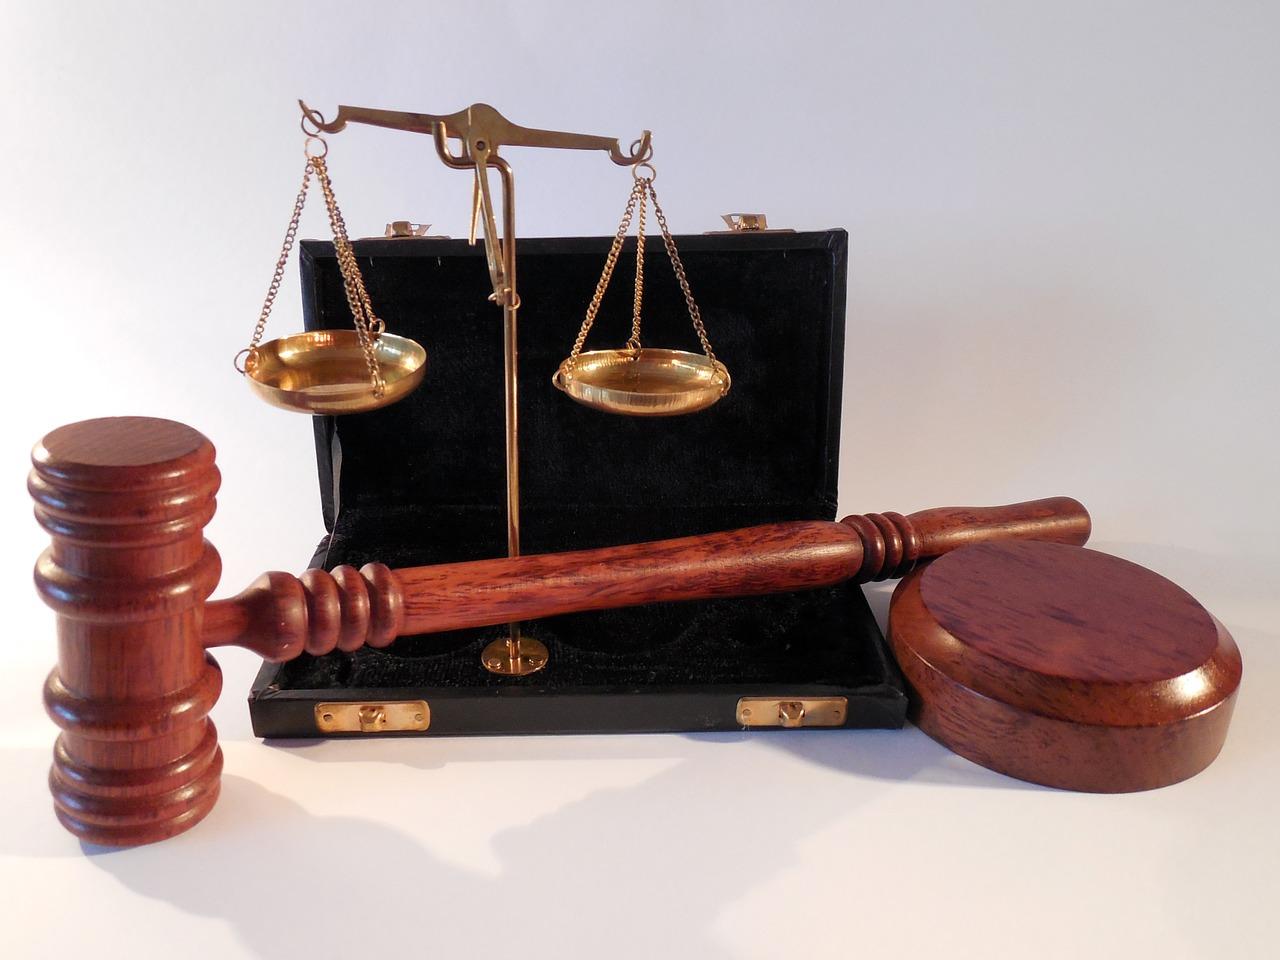 予備試験、司法試験の合格率・合格者数と法科大学院の倍率とは?